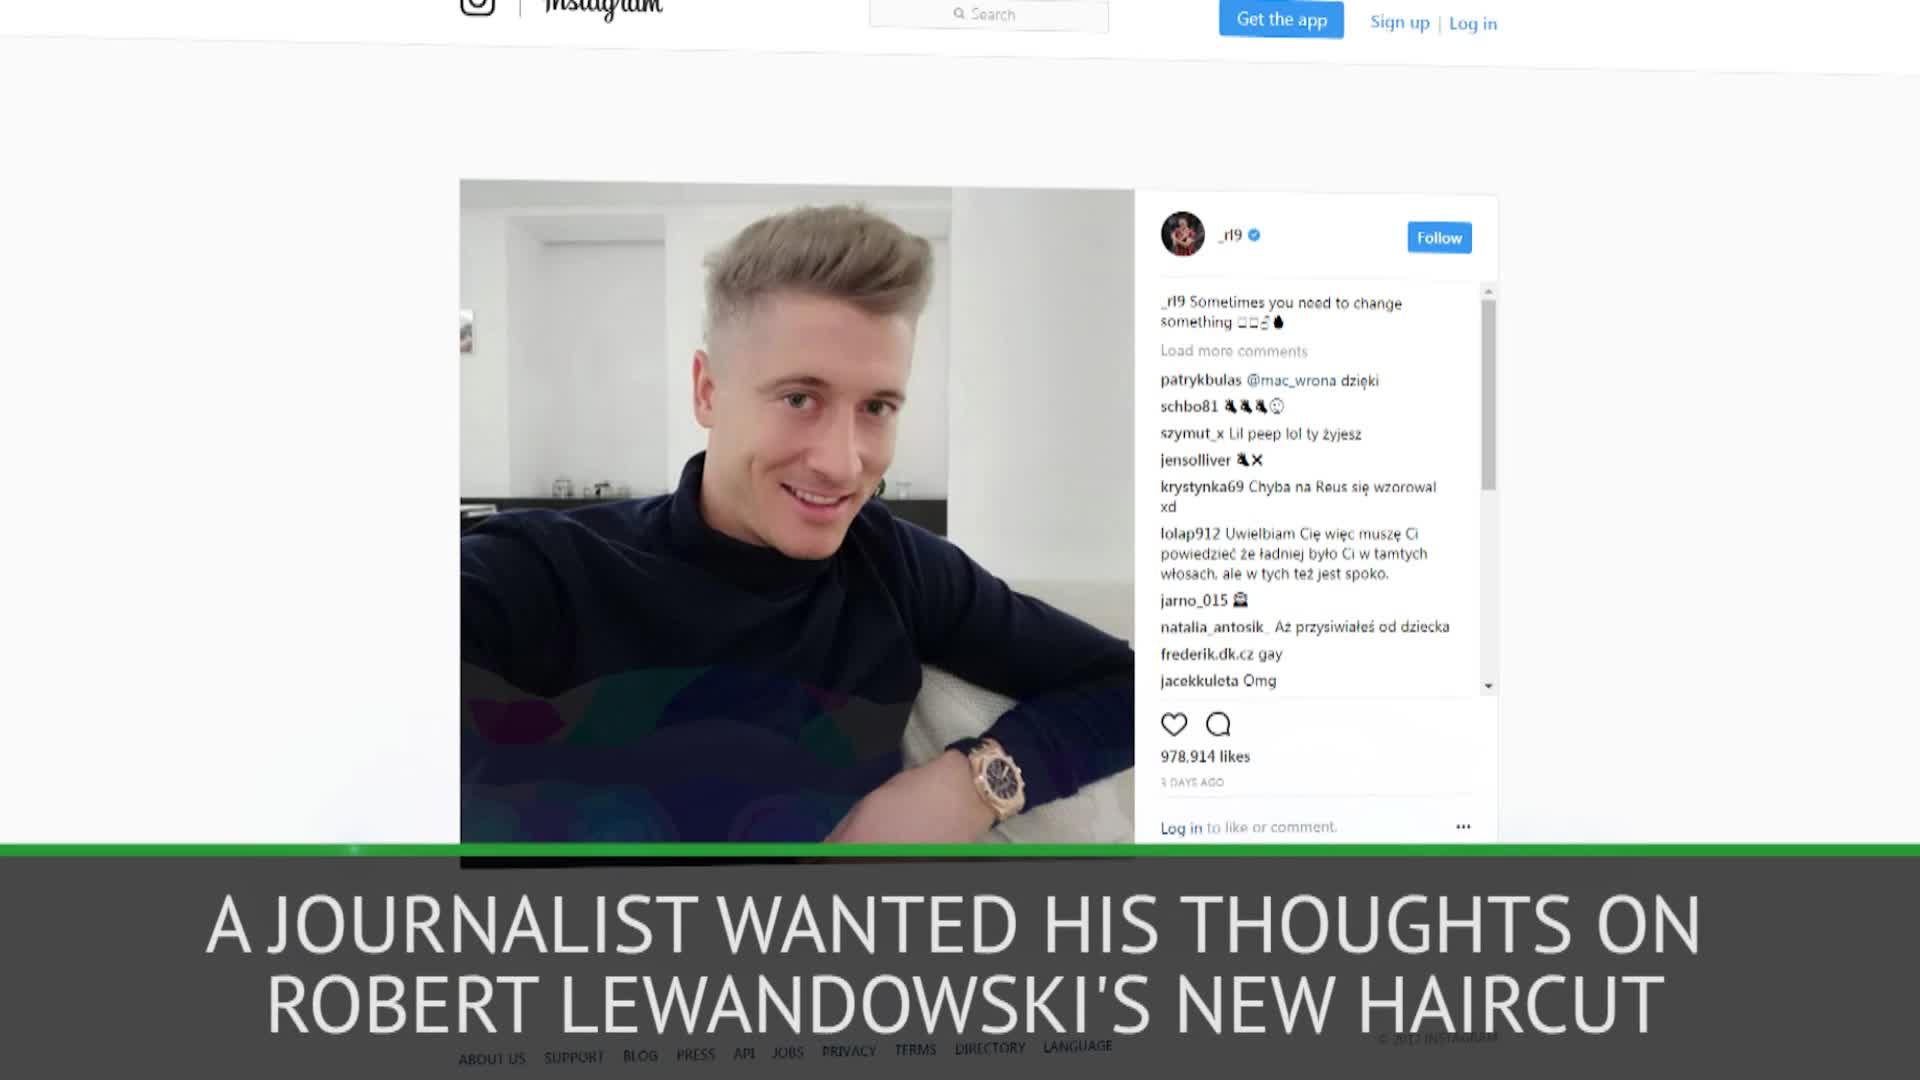 Red Hair Heynckes Coach Weighs In On Lewandowskis New Haircut Video